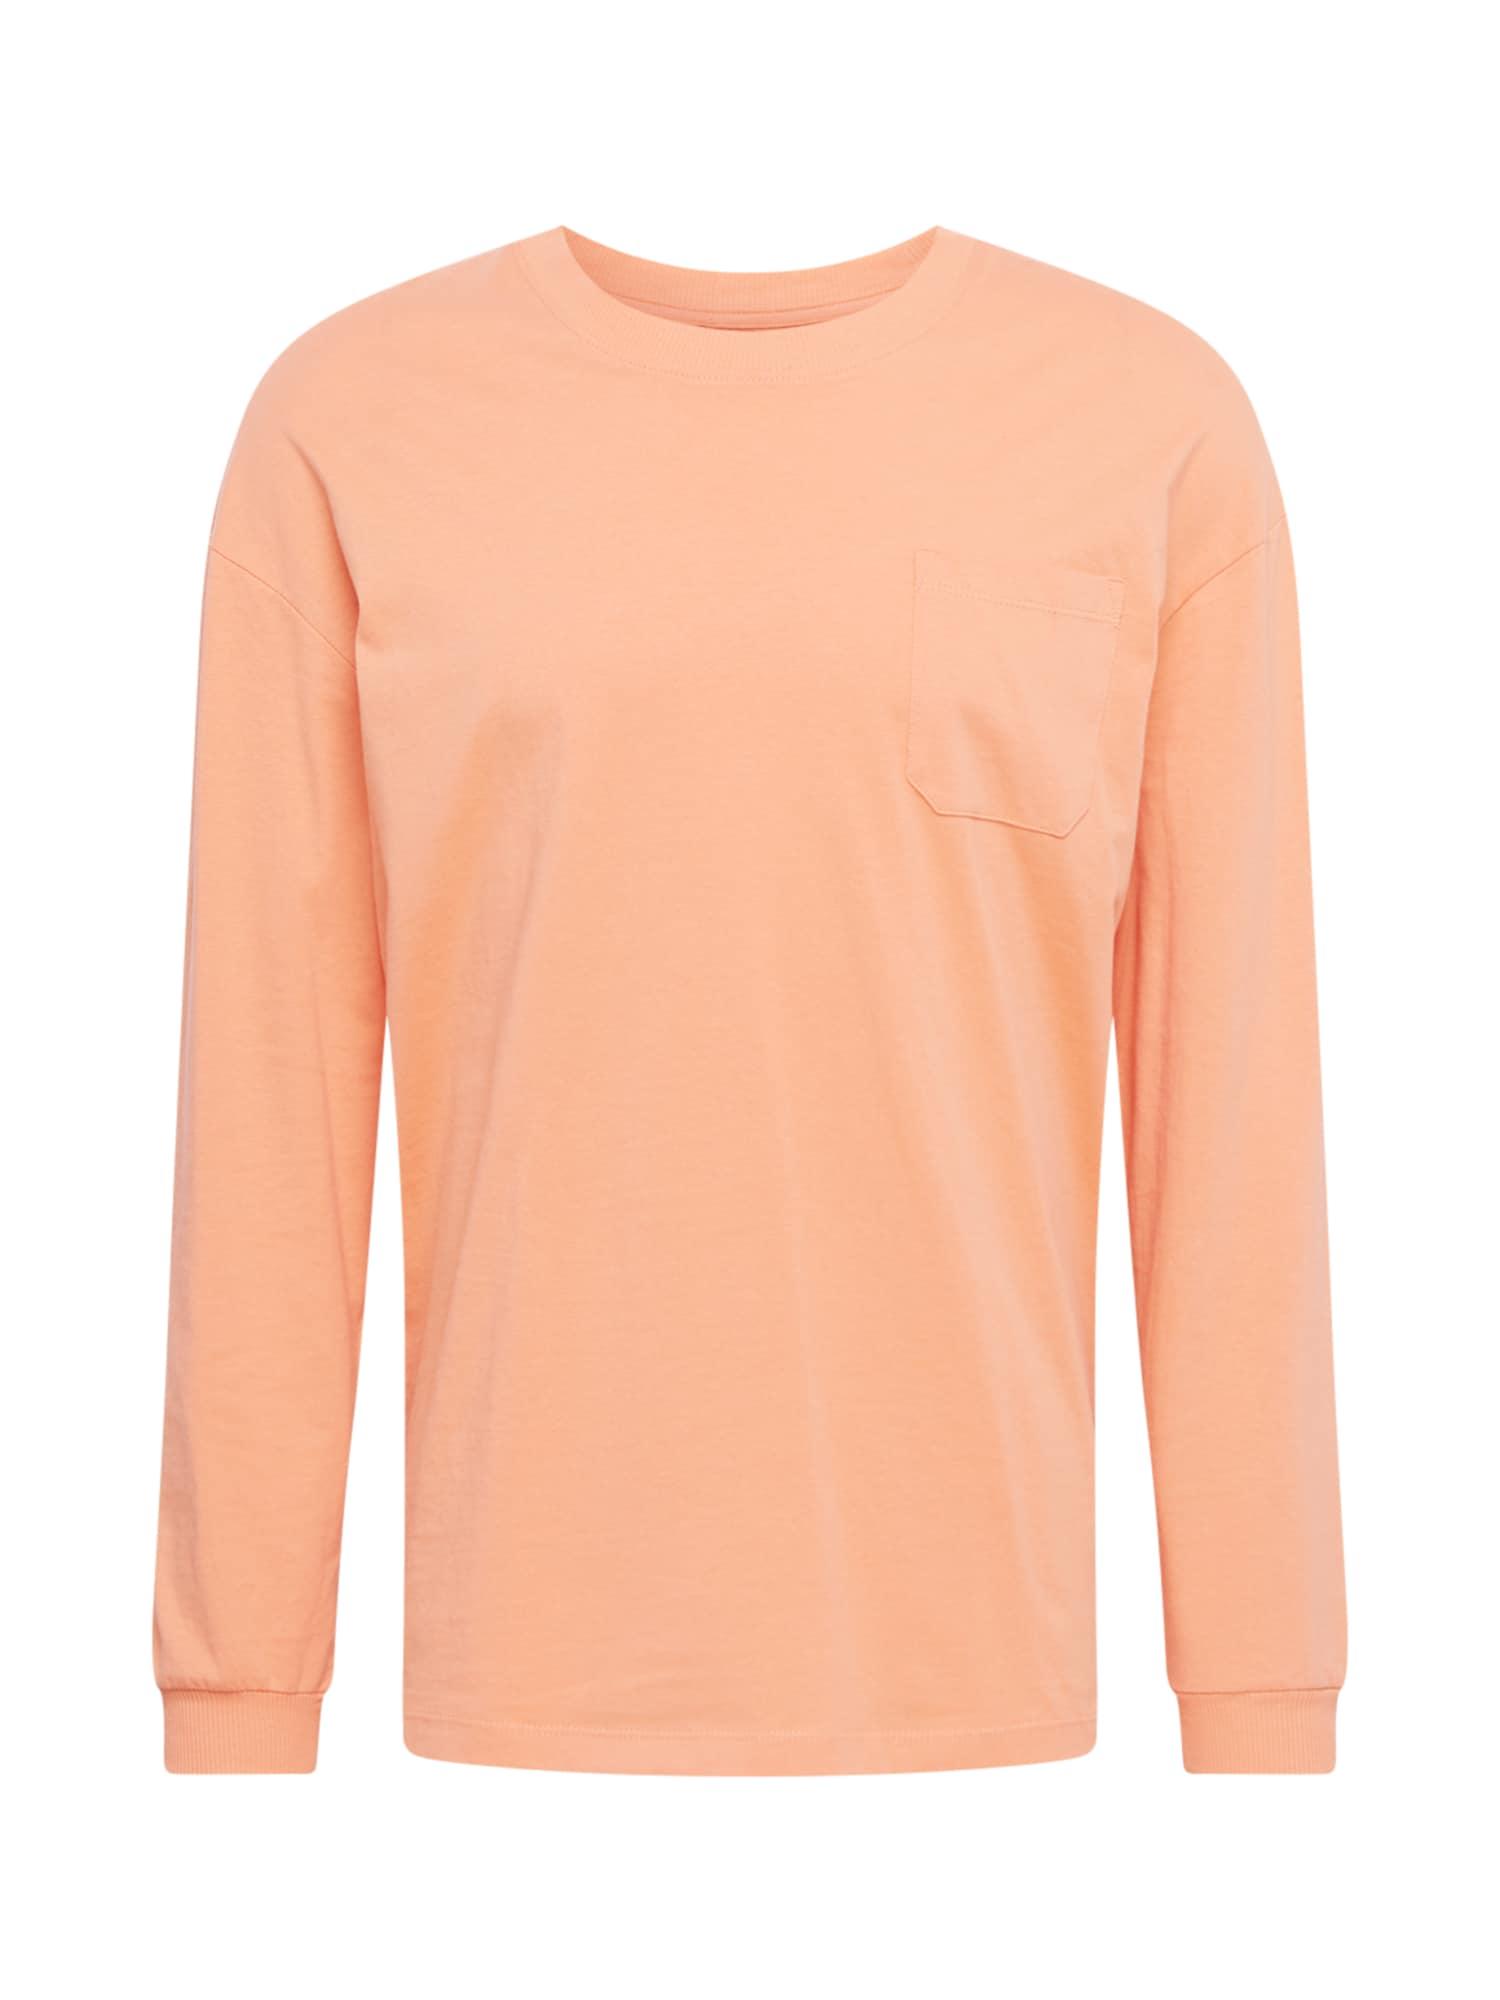 JACK & JONES Marškinėliai pastelinė oranžinė